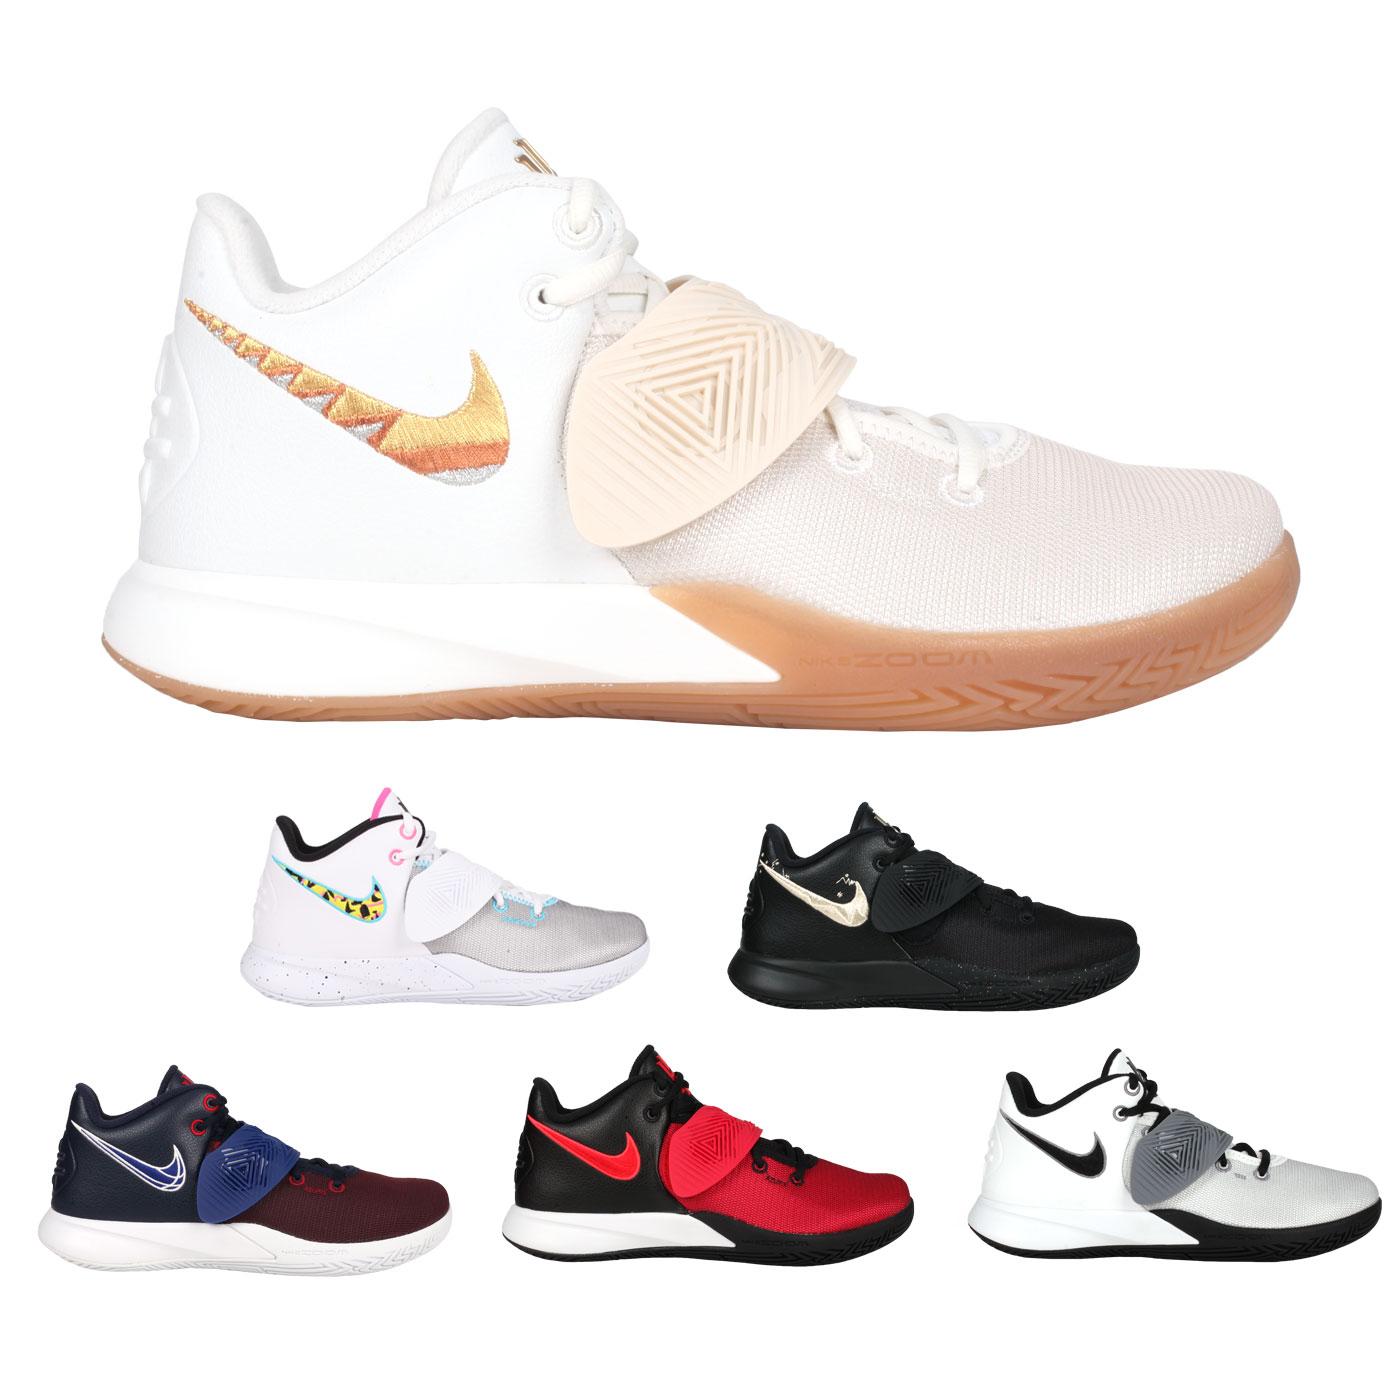 NIKE 男款籃球鞋  @KYRIE FLYTRAP III EP@CD0191008